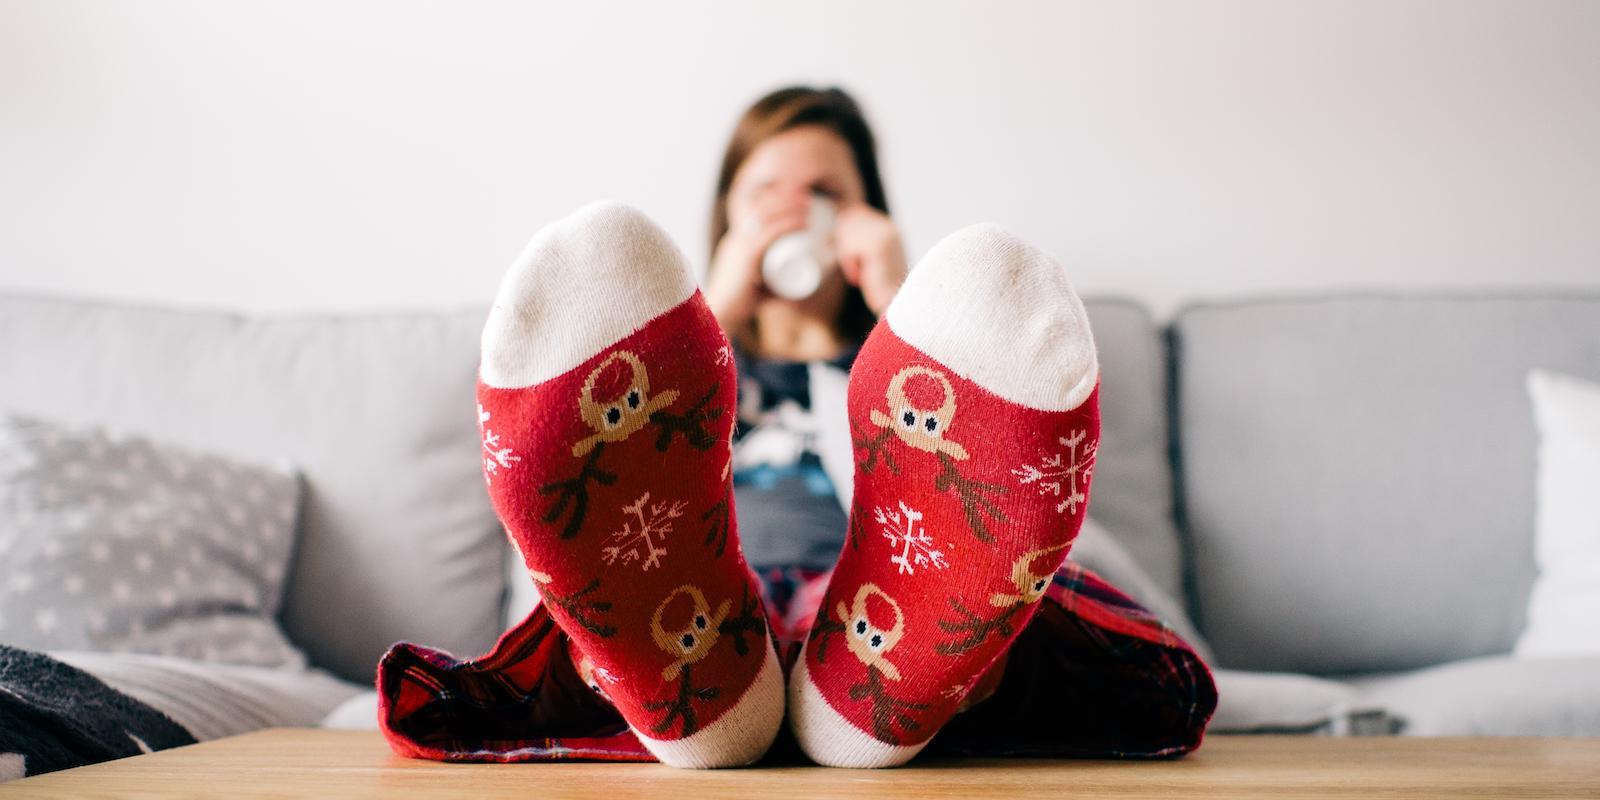 Tipy na vánoční úklid bez chemikálií